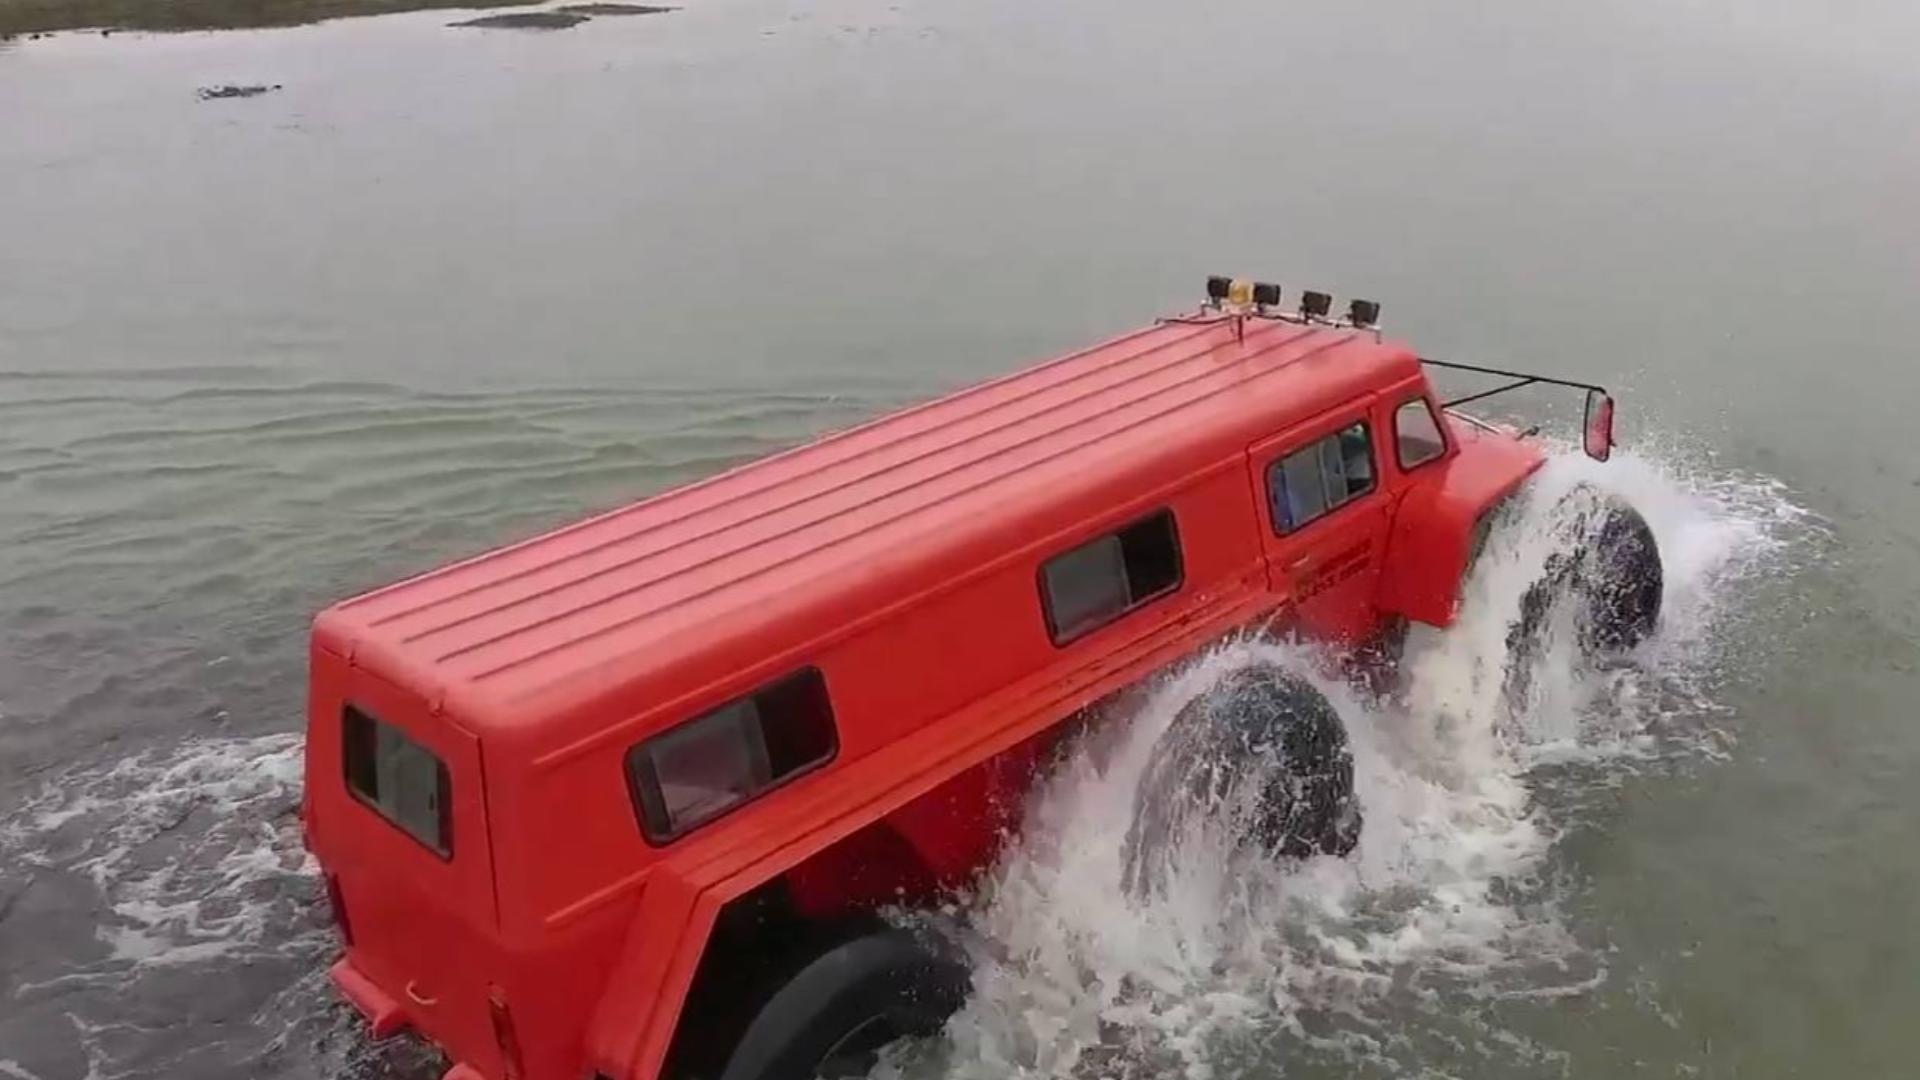 水陆越野车也太酷了吧!试用各种复杂环境,水陆两地行走自如